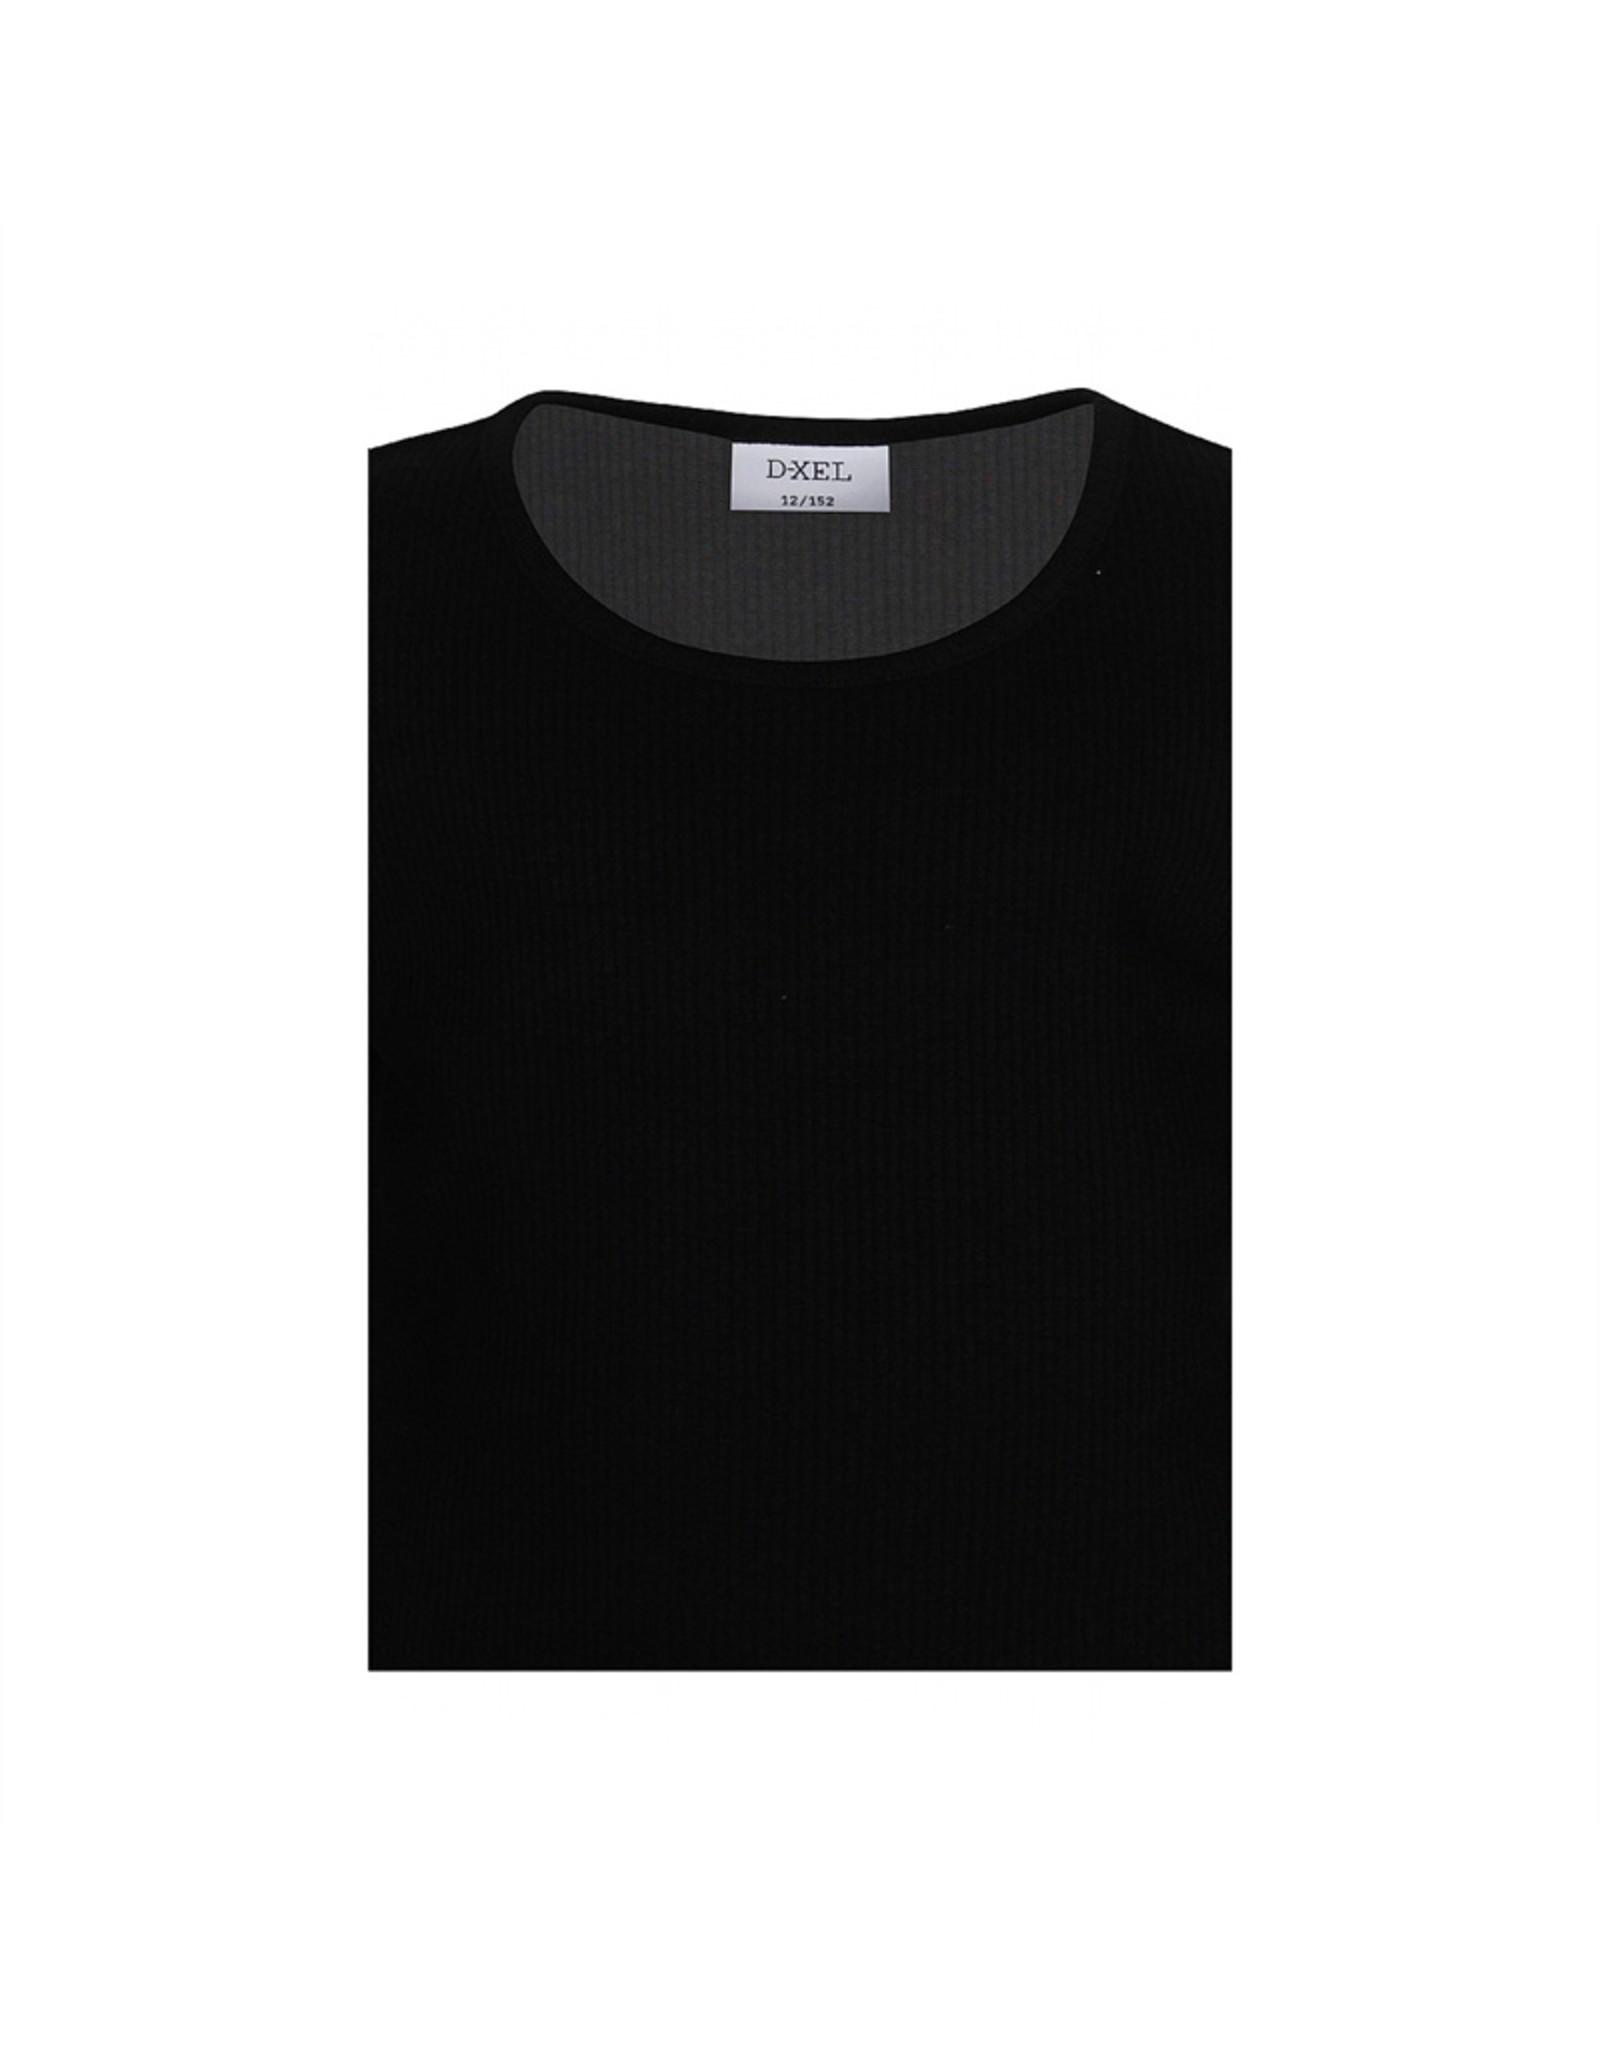 D-XEL T-SHIRT L/S BLACK/ZWART